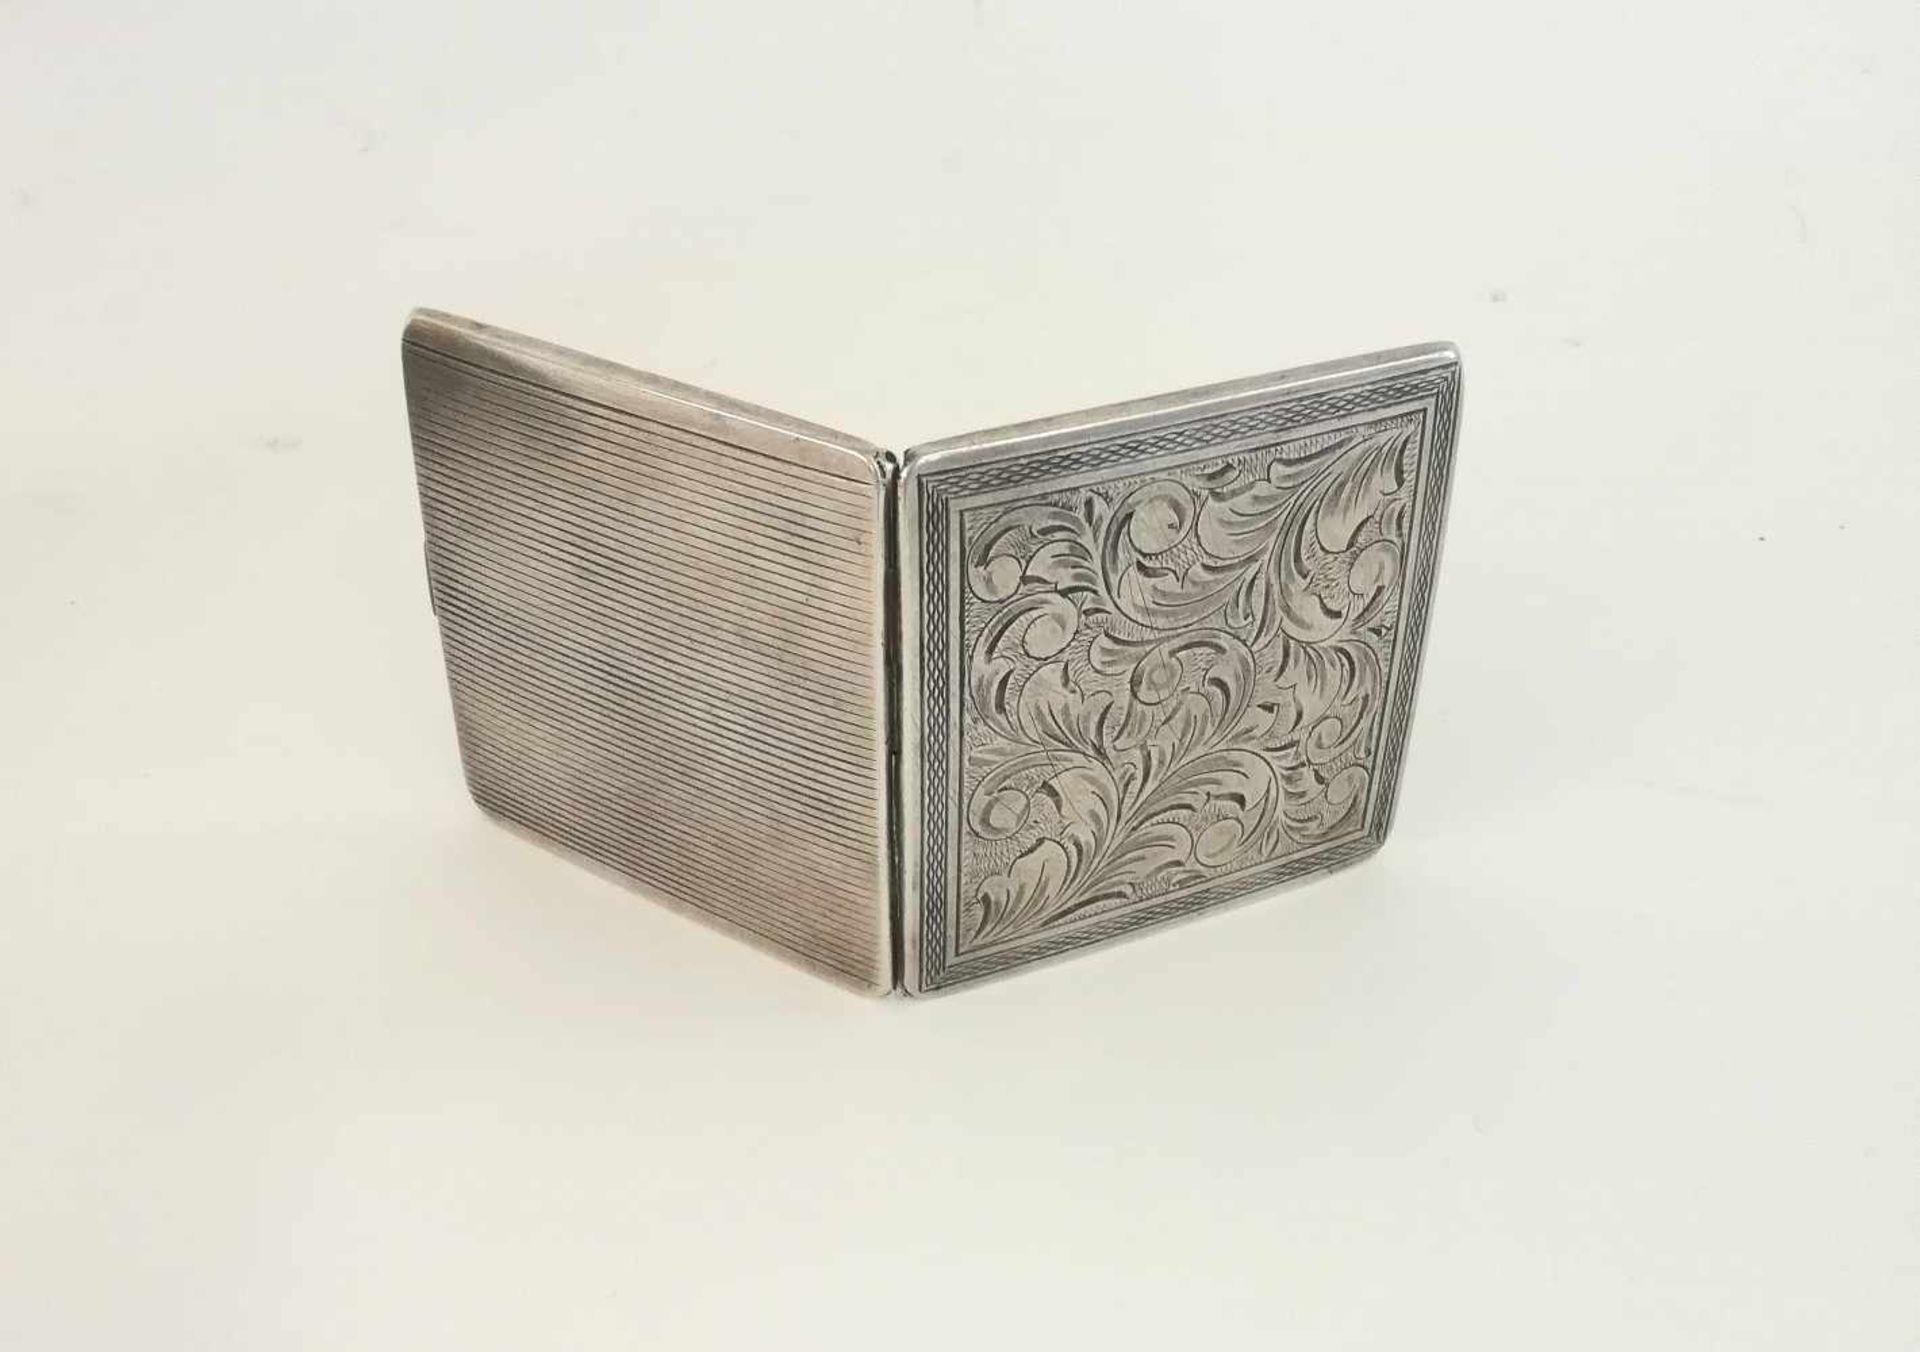 Silberne Puderdoseflorale Ziergravur, Innenspiegel, 111,9 g;